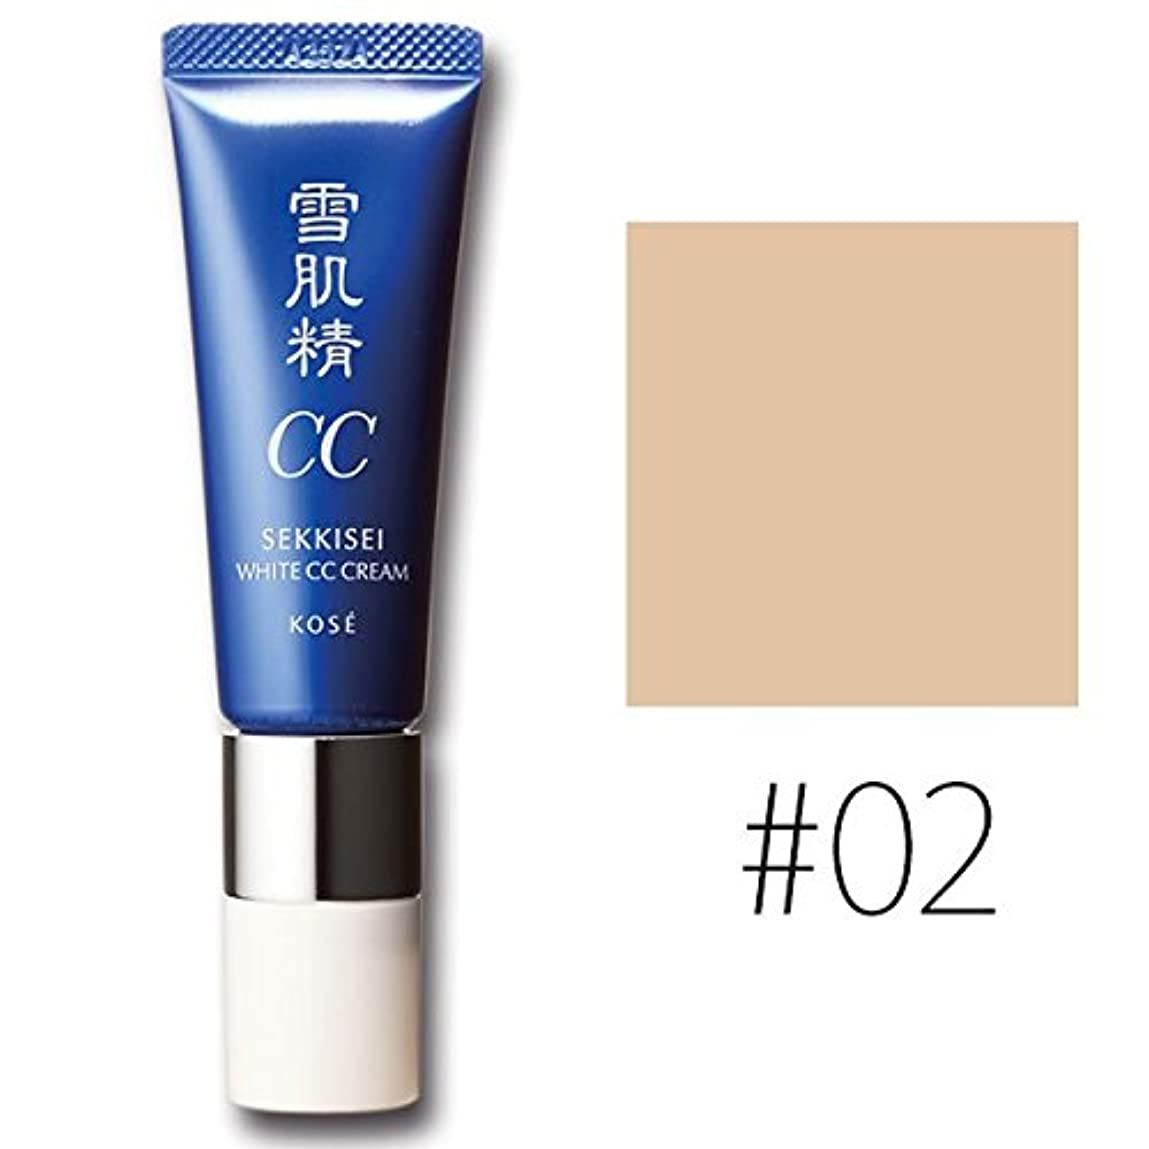 鈍いひそかに追い出すコーセー 雪肌精 ホワイト CCクリーム【#02】 #OCHRE SPF50+/PA++++ 30g